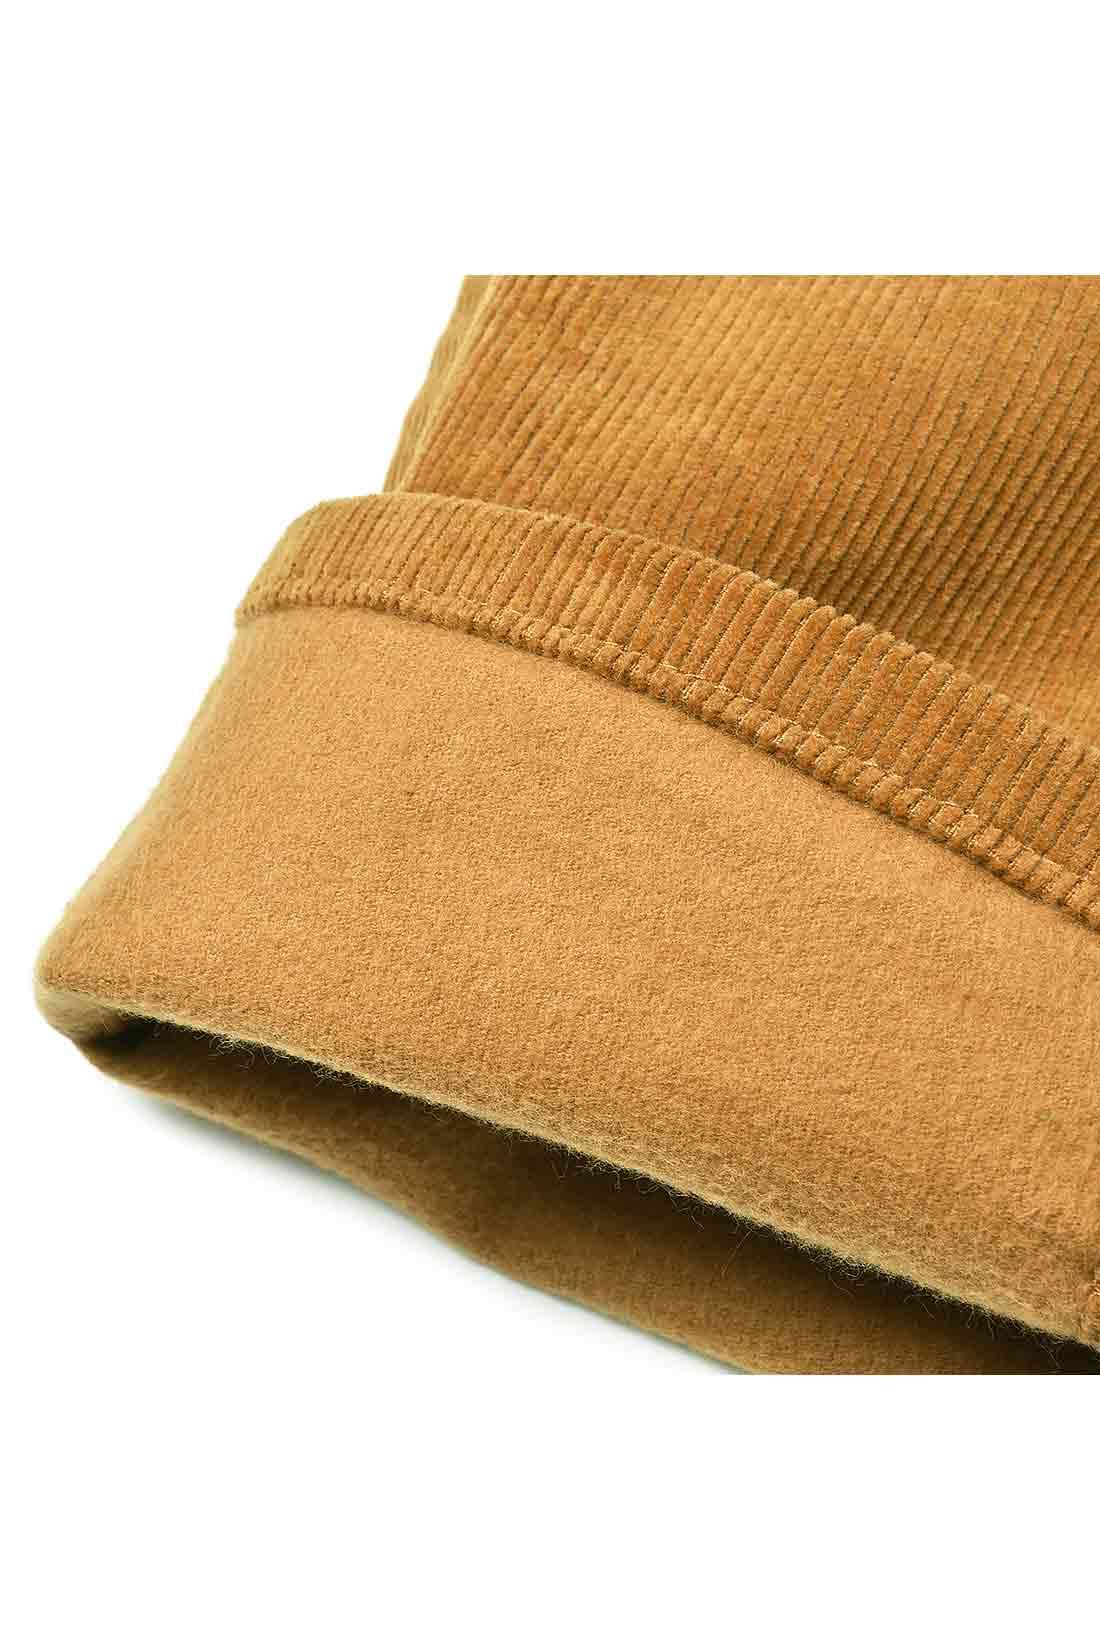 裏起毛加工でふんわりと肌当たり暖か。